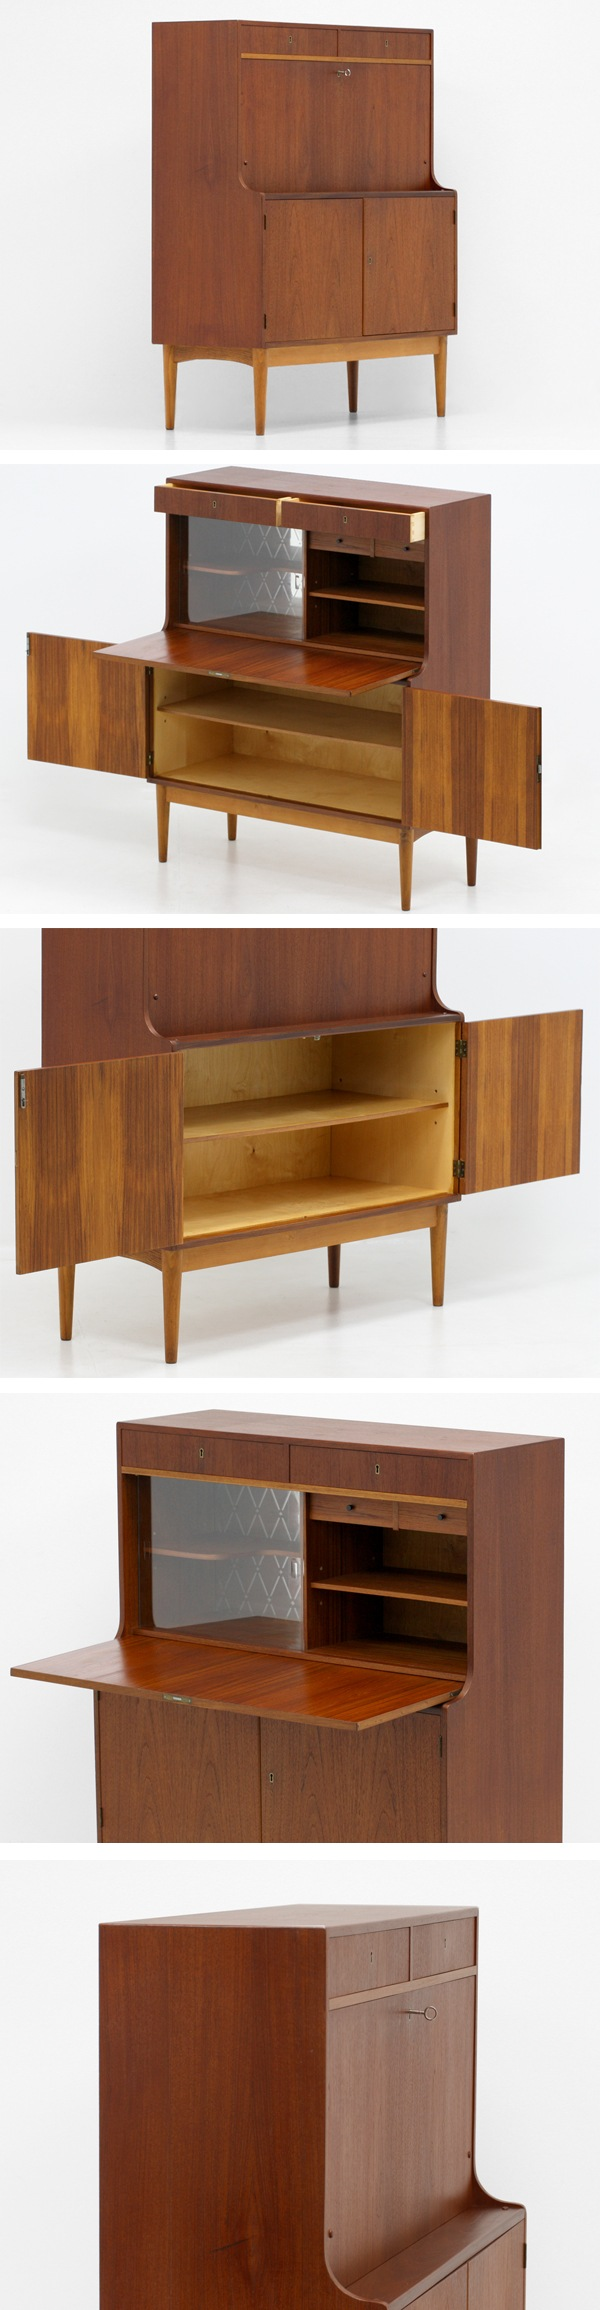 北欧家具,ヴィンテージ,ライティングビューロー,チーク材,鍵付き,飾り棚